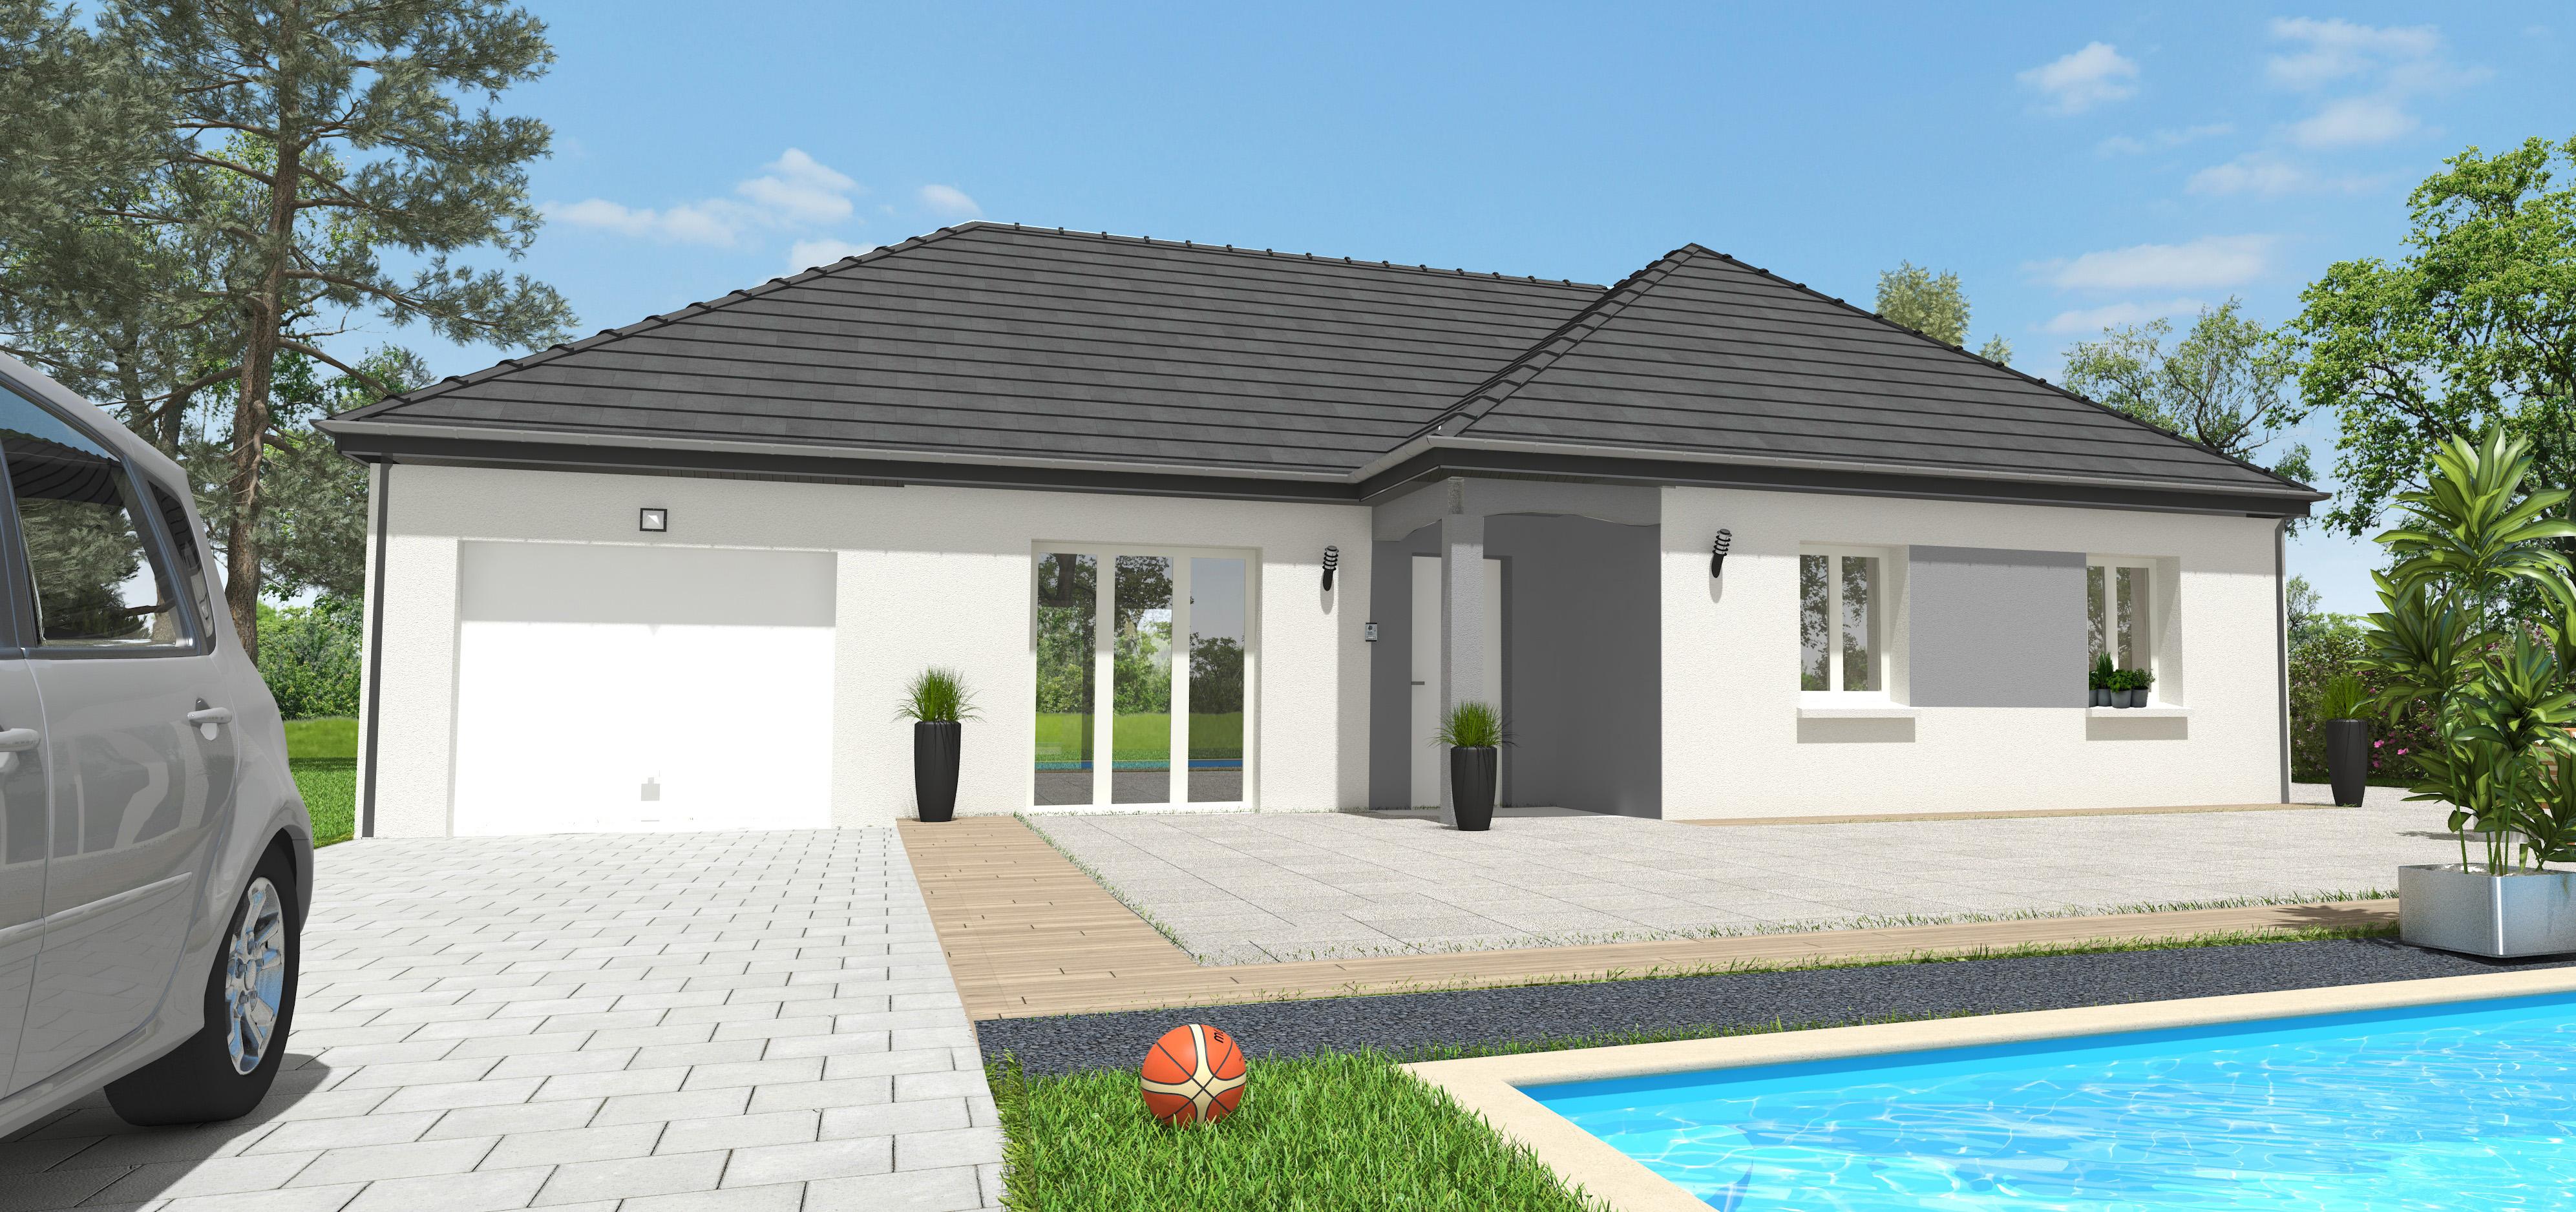 Maisons + Terrains du constructeur MAISON 7 SENS • 91 m² • SAINT SAUVEUR SUR ECOLE